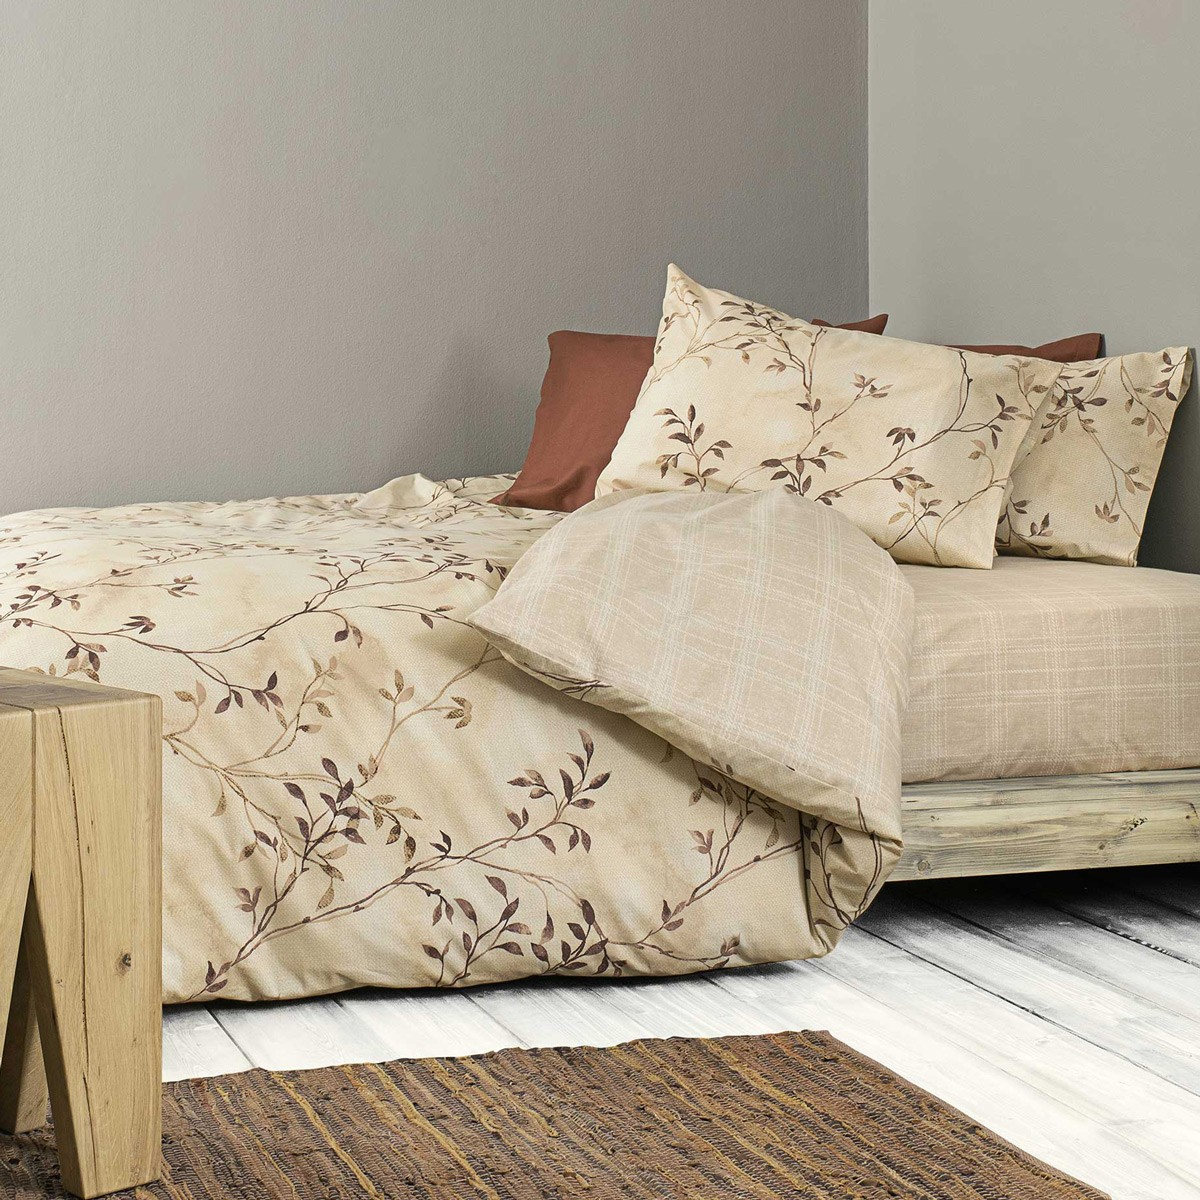 Παπλωματοθήκη Μονή (Σετ) Nima Bed Linen Fiorenza Beige